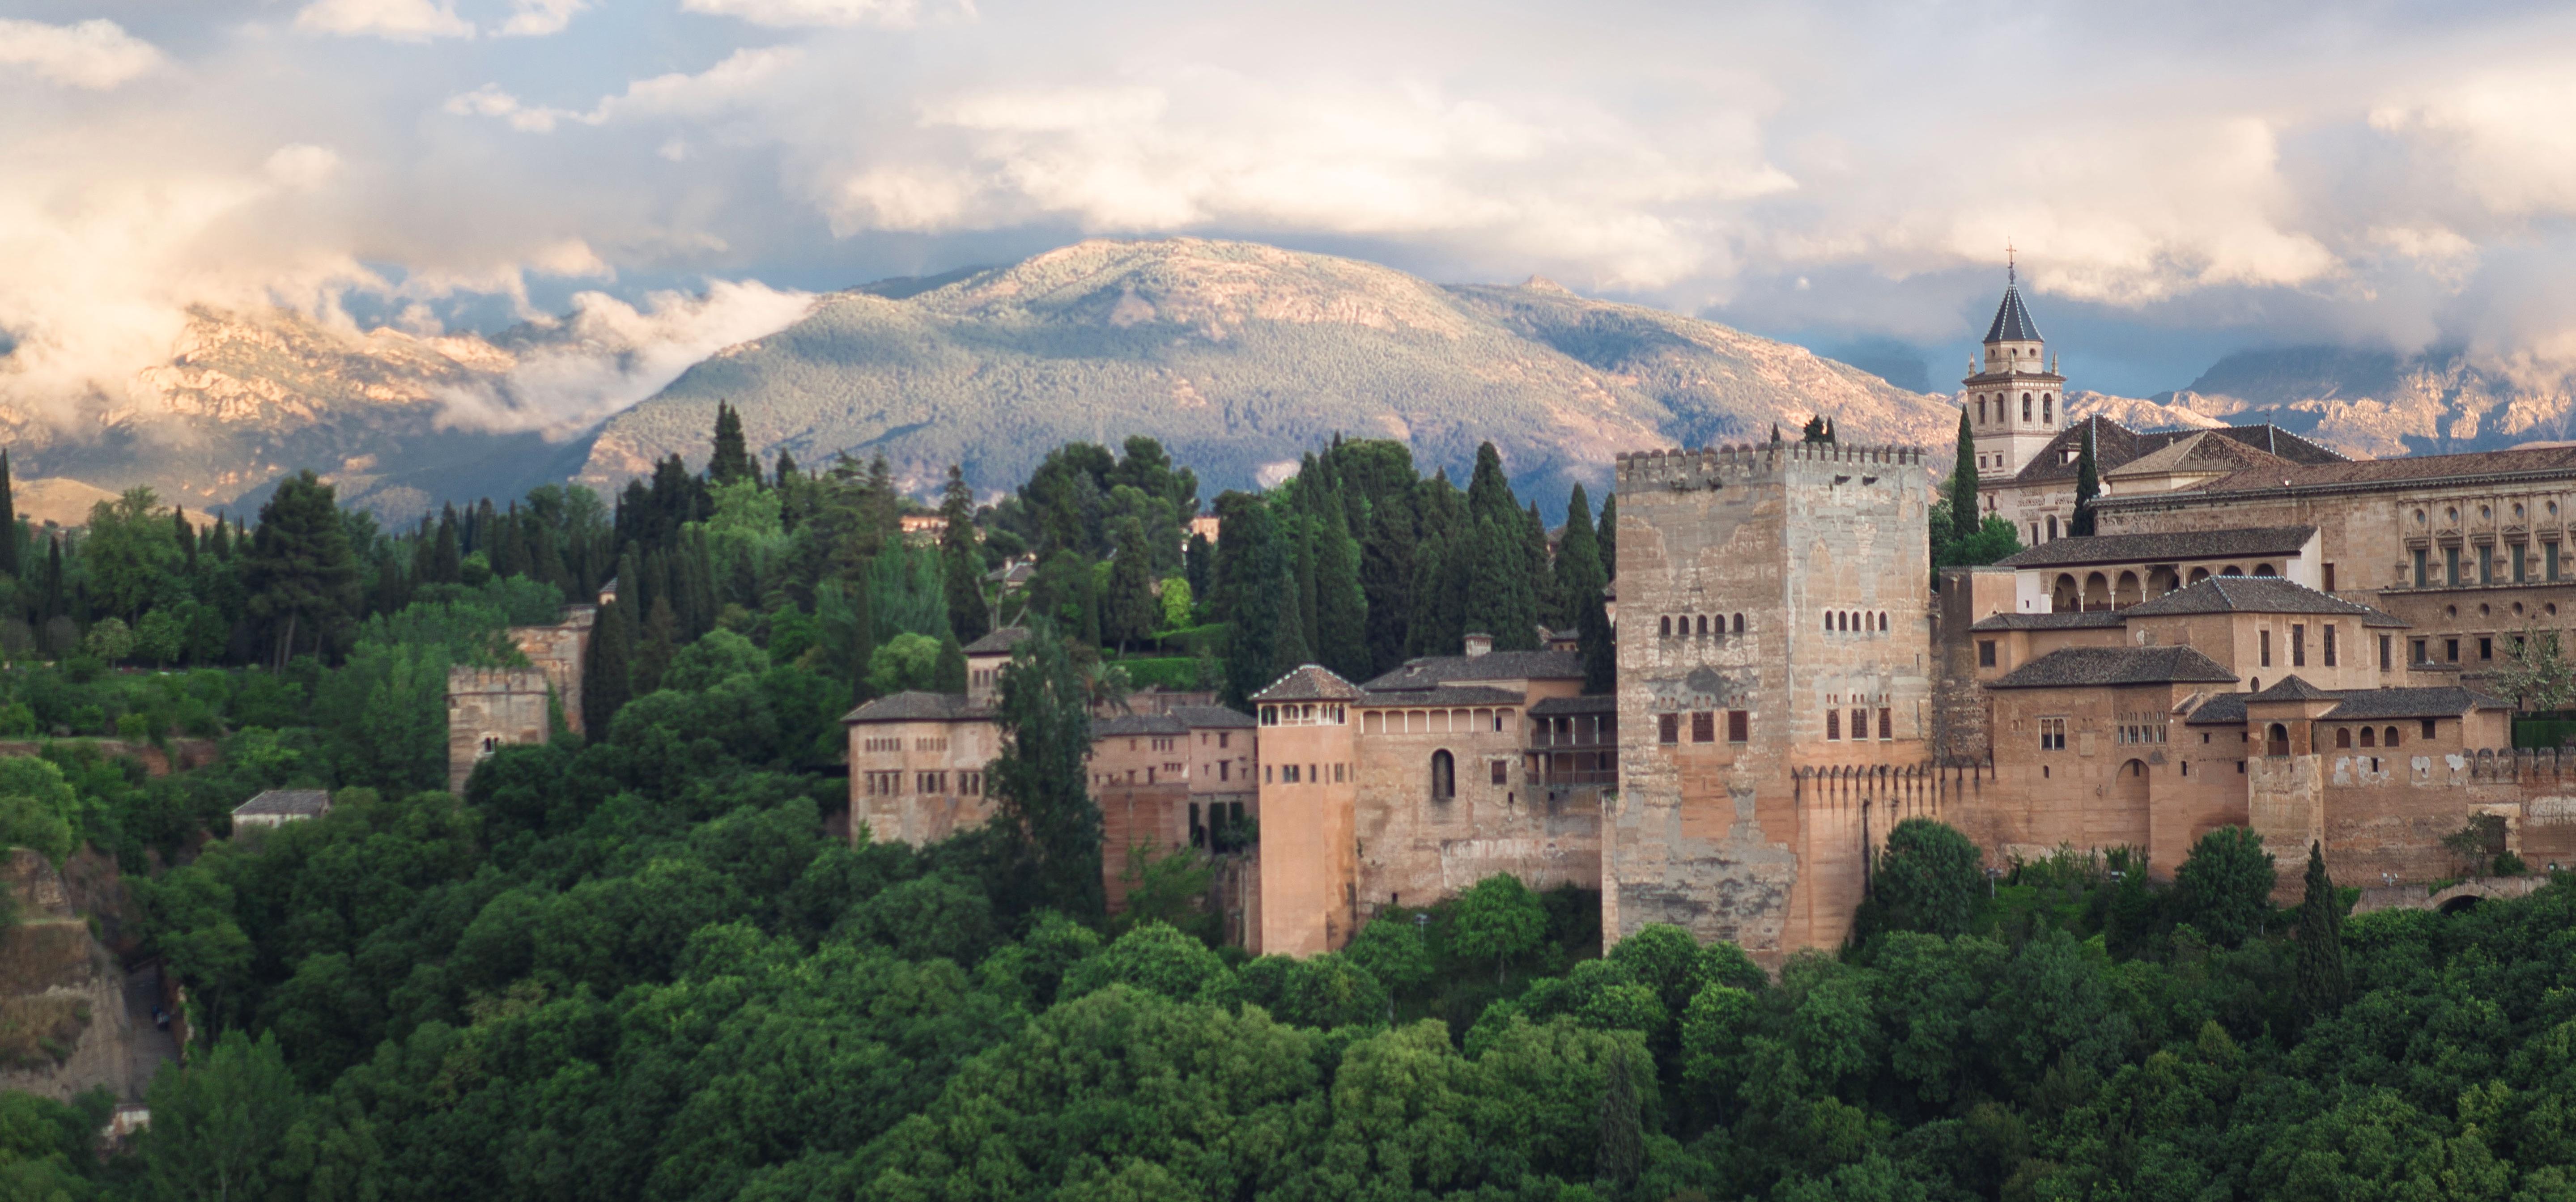 """Turismo Andaluz ha licitado la creatividad y producción de la nueva campaña de publicidad del destino Andalucía. Sustituirá al """"Intensamente""""."""